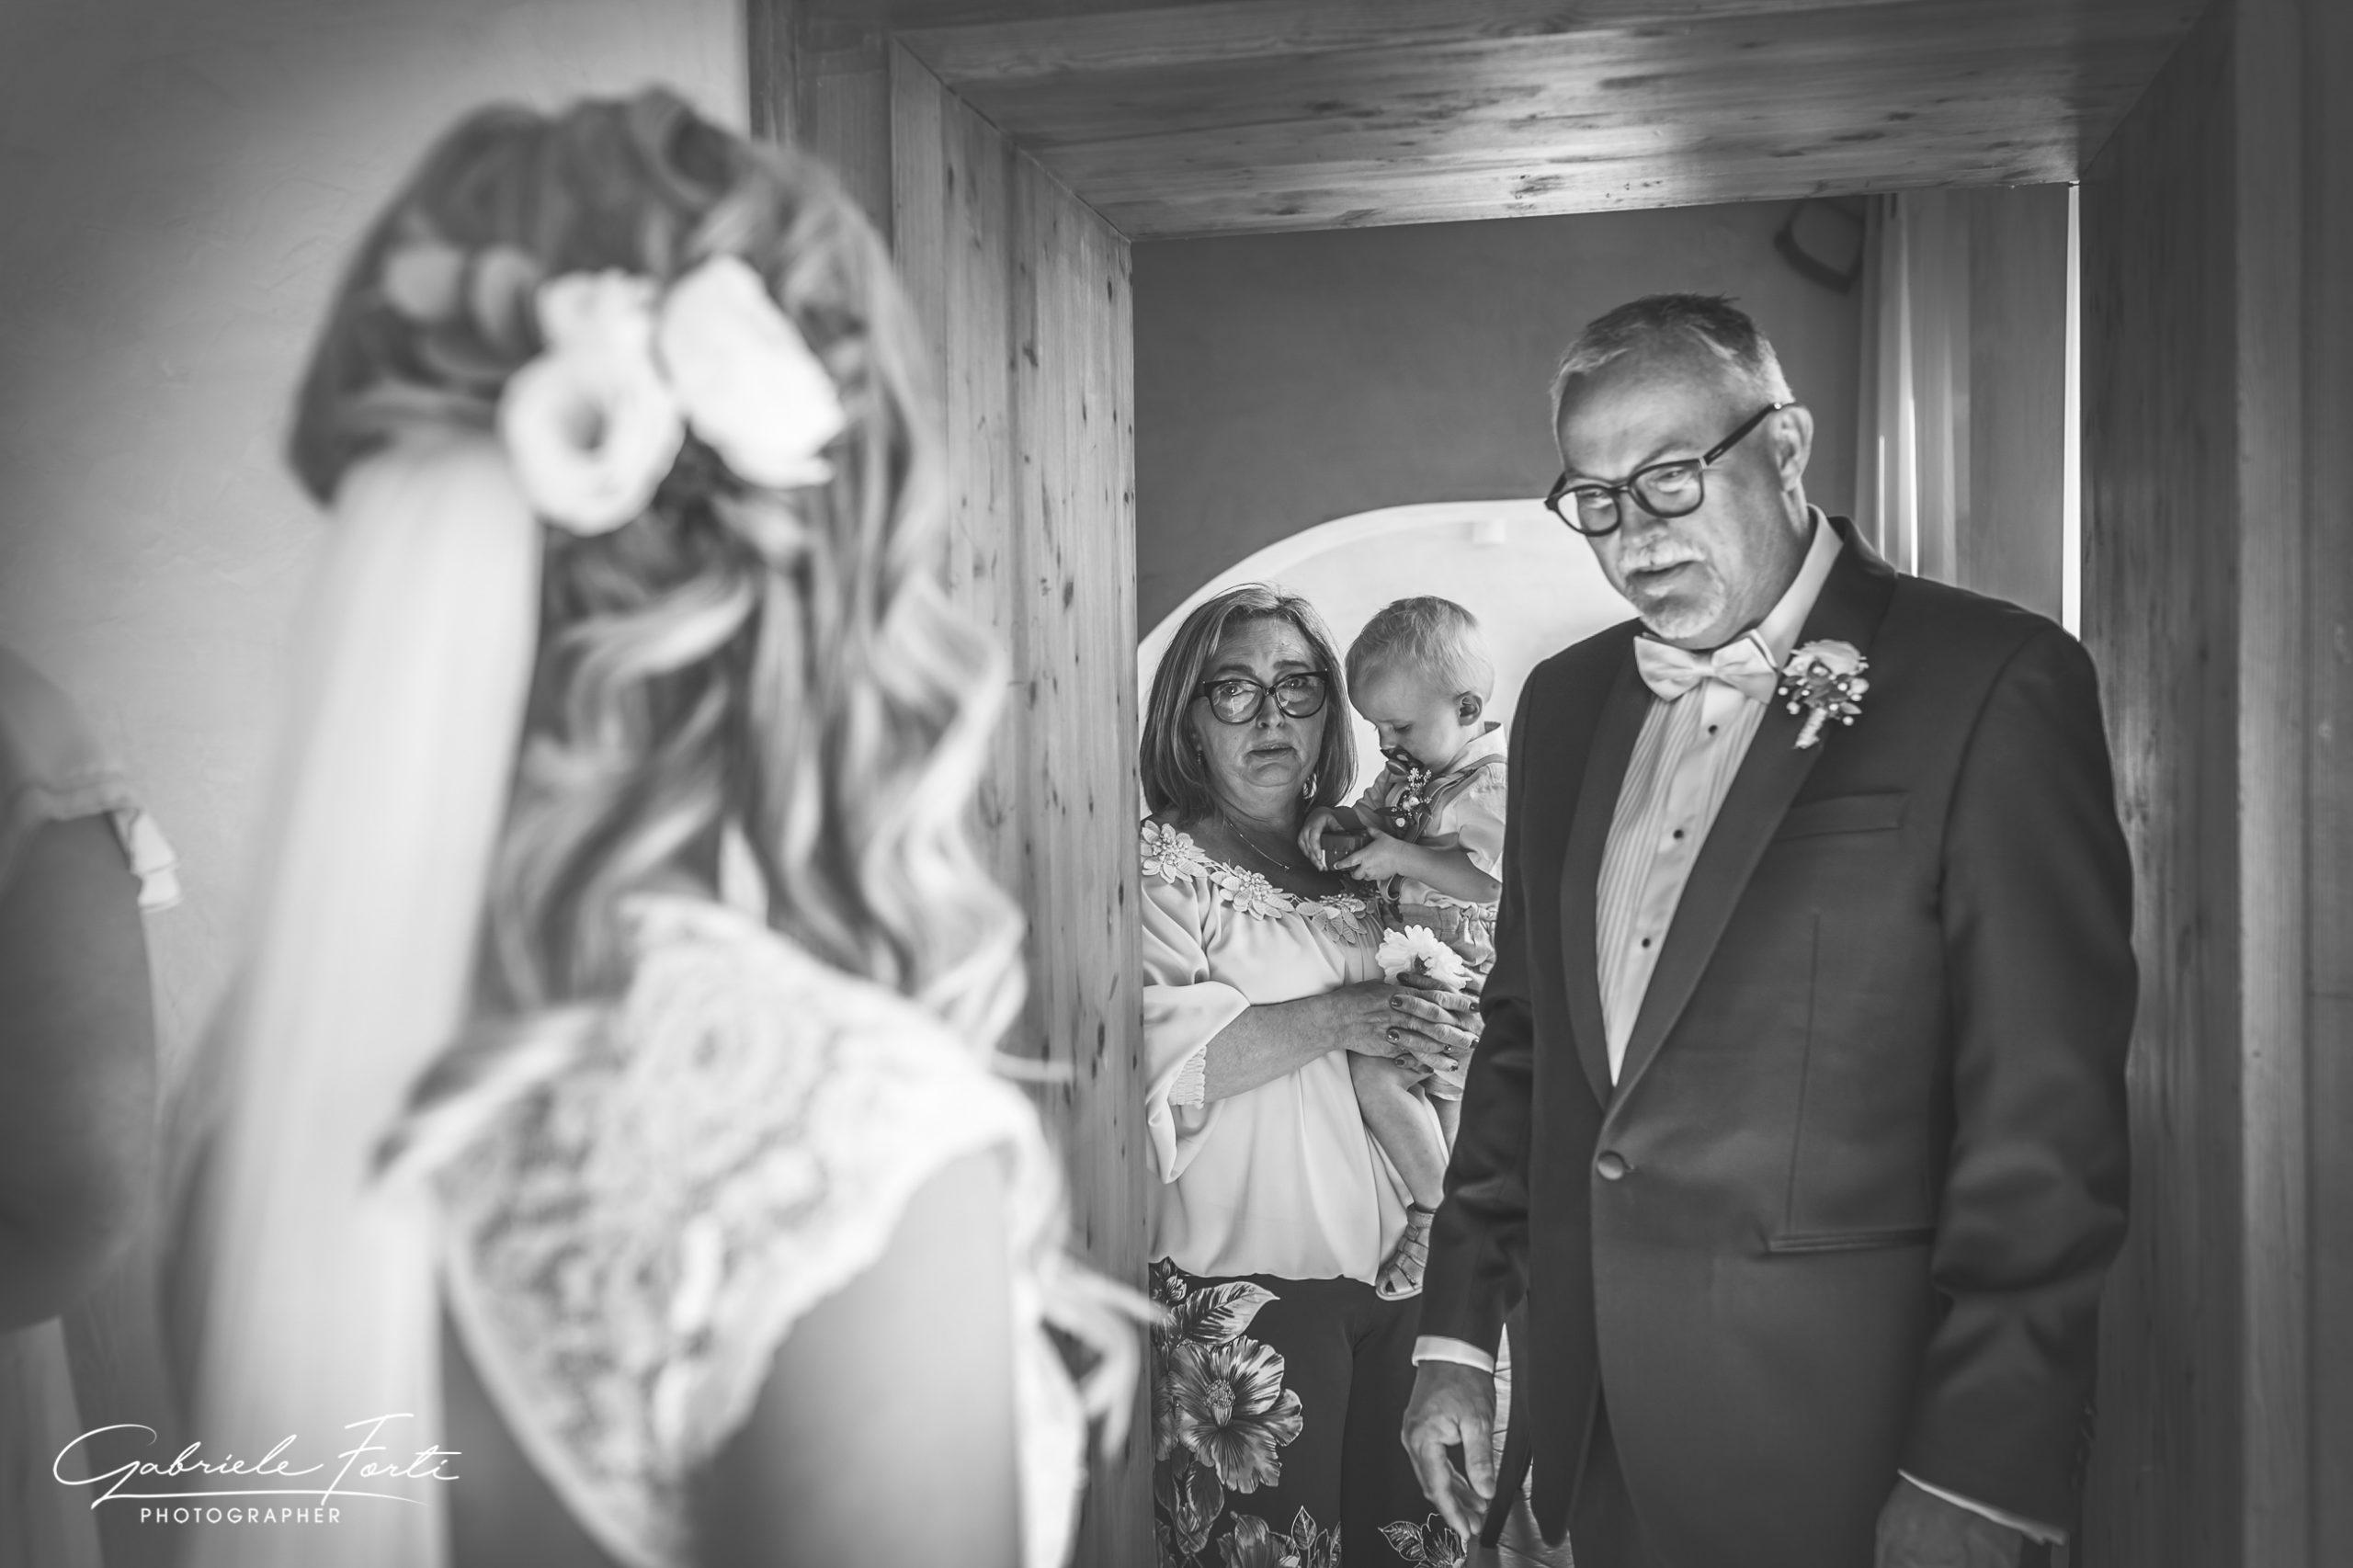 Wedding-tuscany-italy-siena-firenze-photographer-foto-forti-gabriele